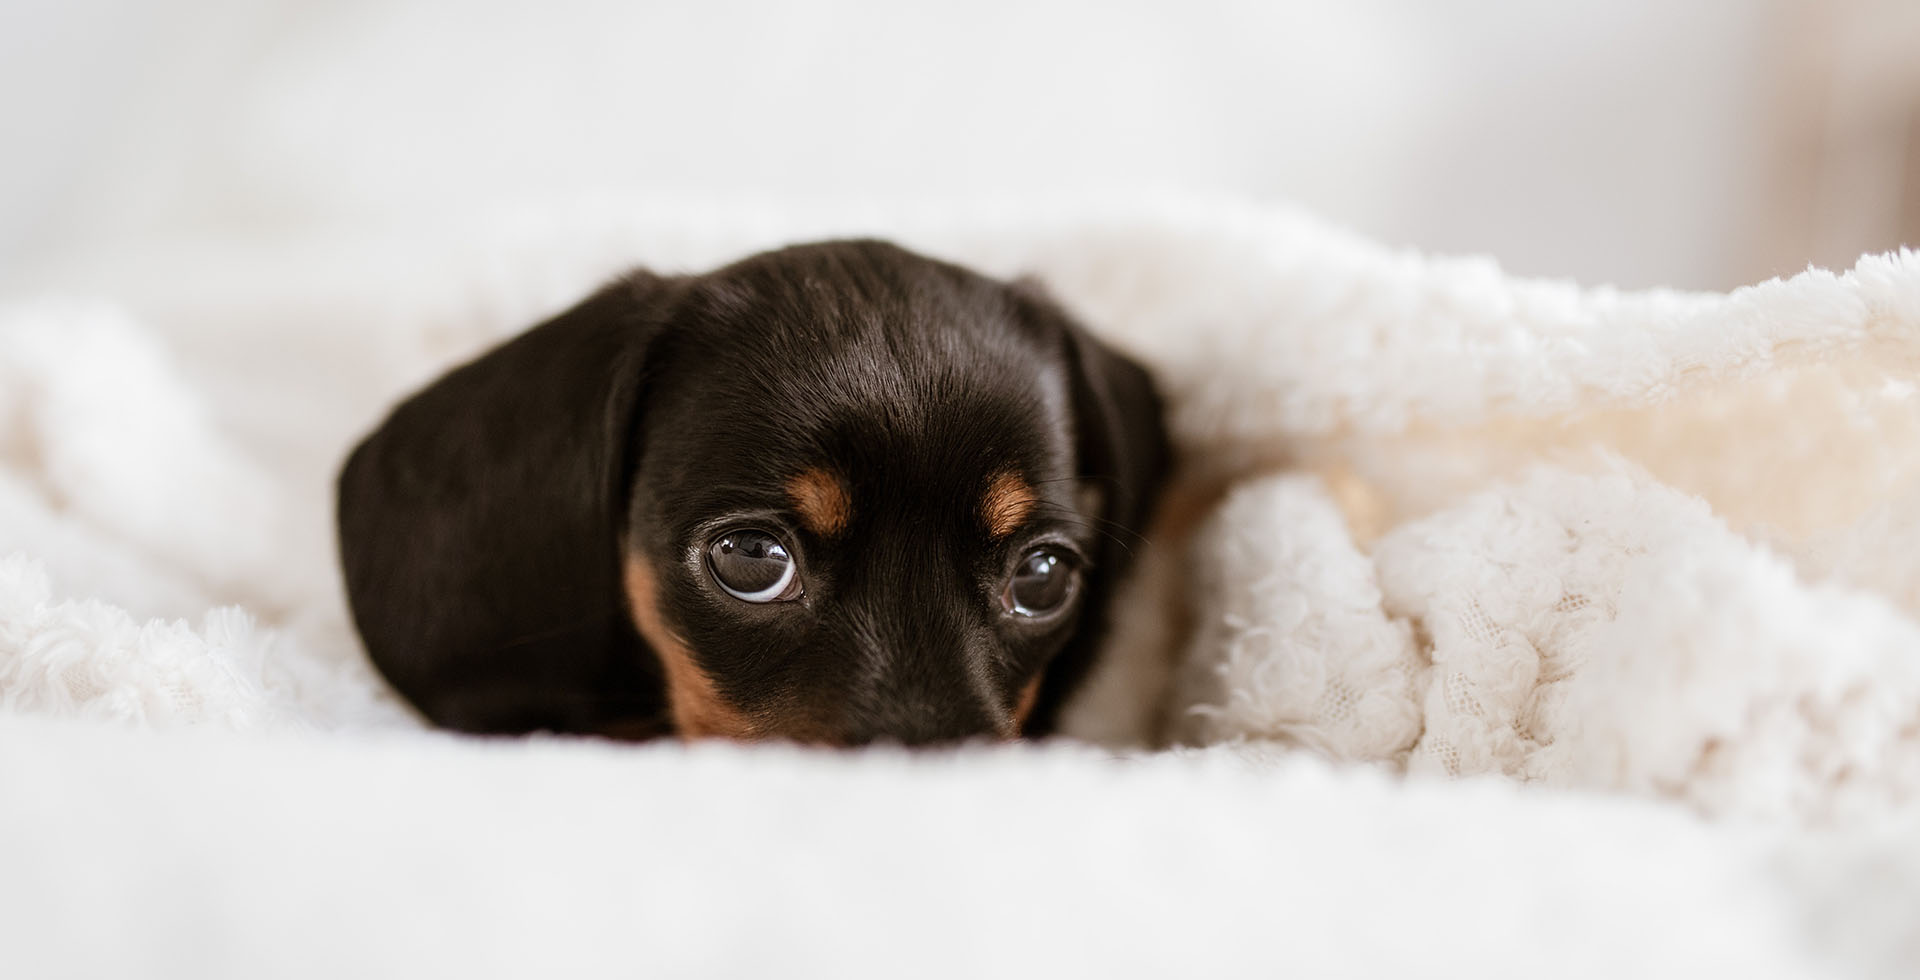 Design accattivante, performance elevate, formule bio: quattro linee per la toelettatura ridefiniscono il concetto di cosmesi canina